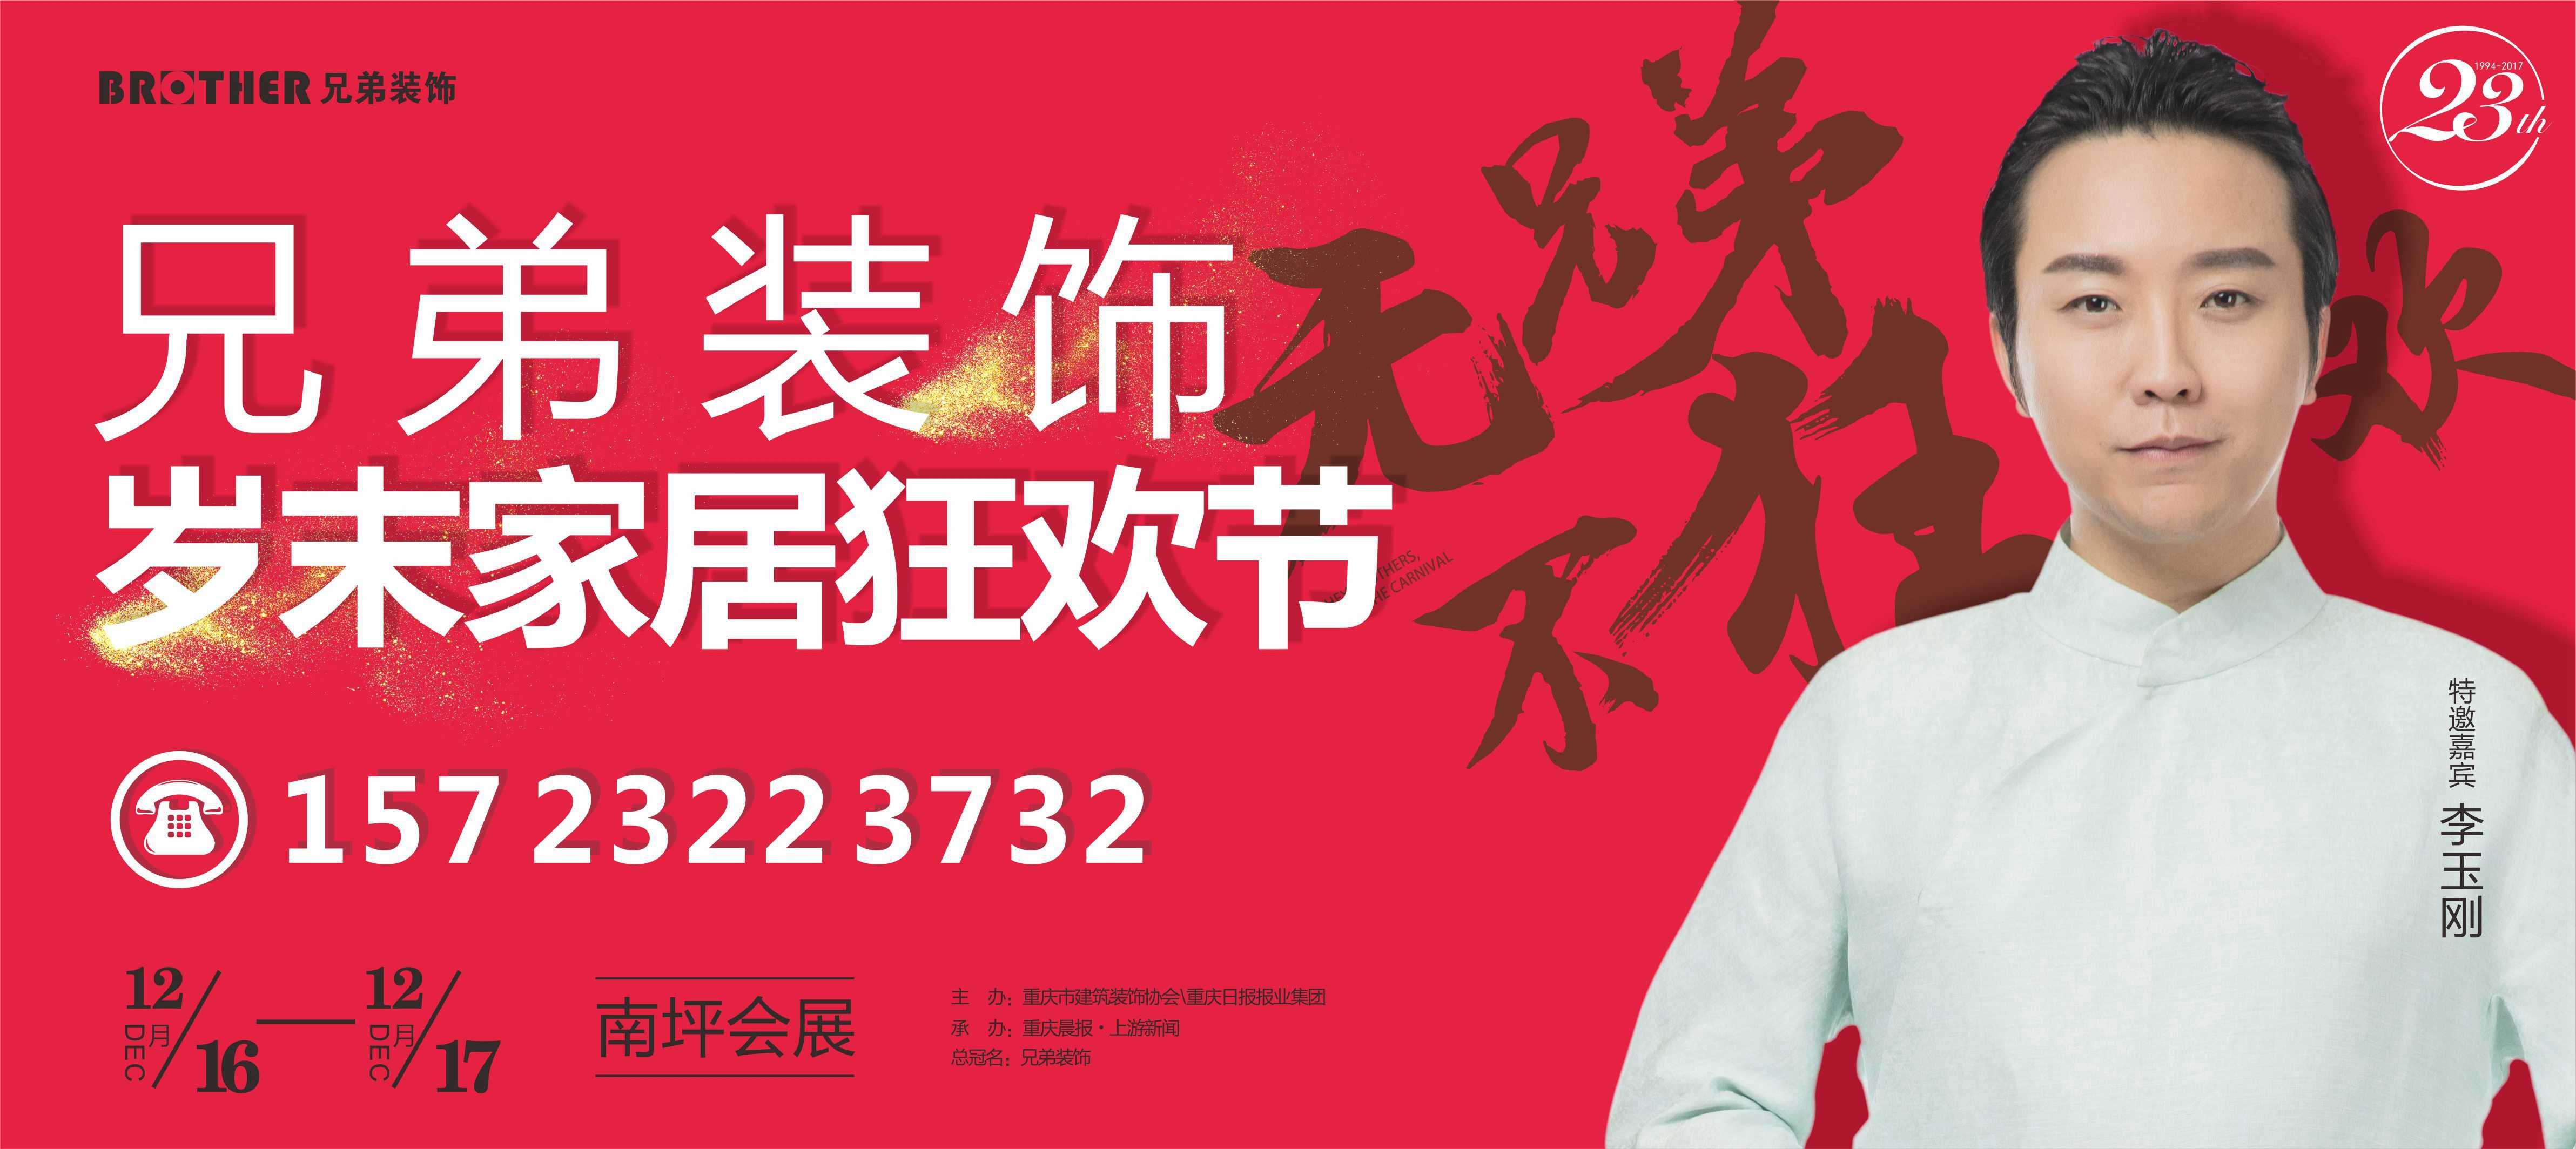 重庆兄弟装饰周年庆|兄弟装饰23周年庆地点南坪会展中心报名时间电话